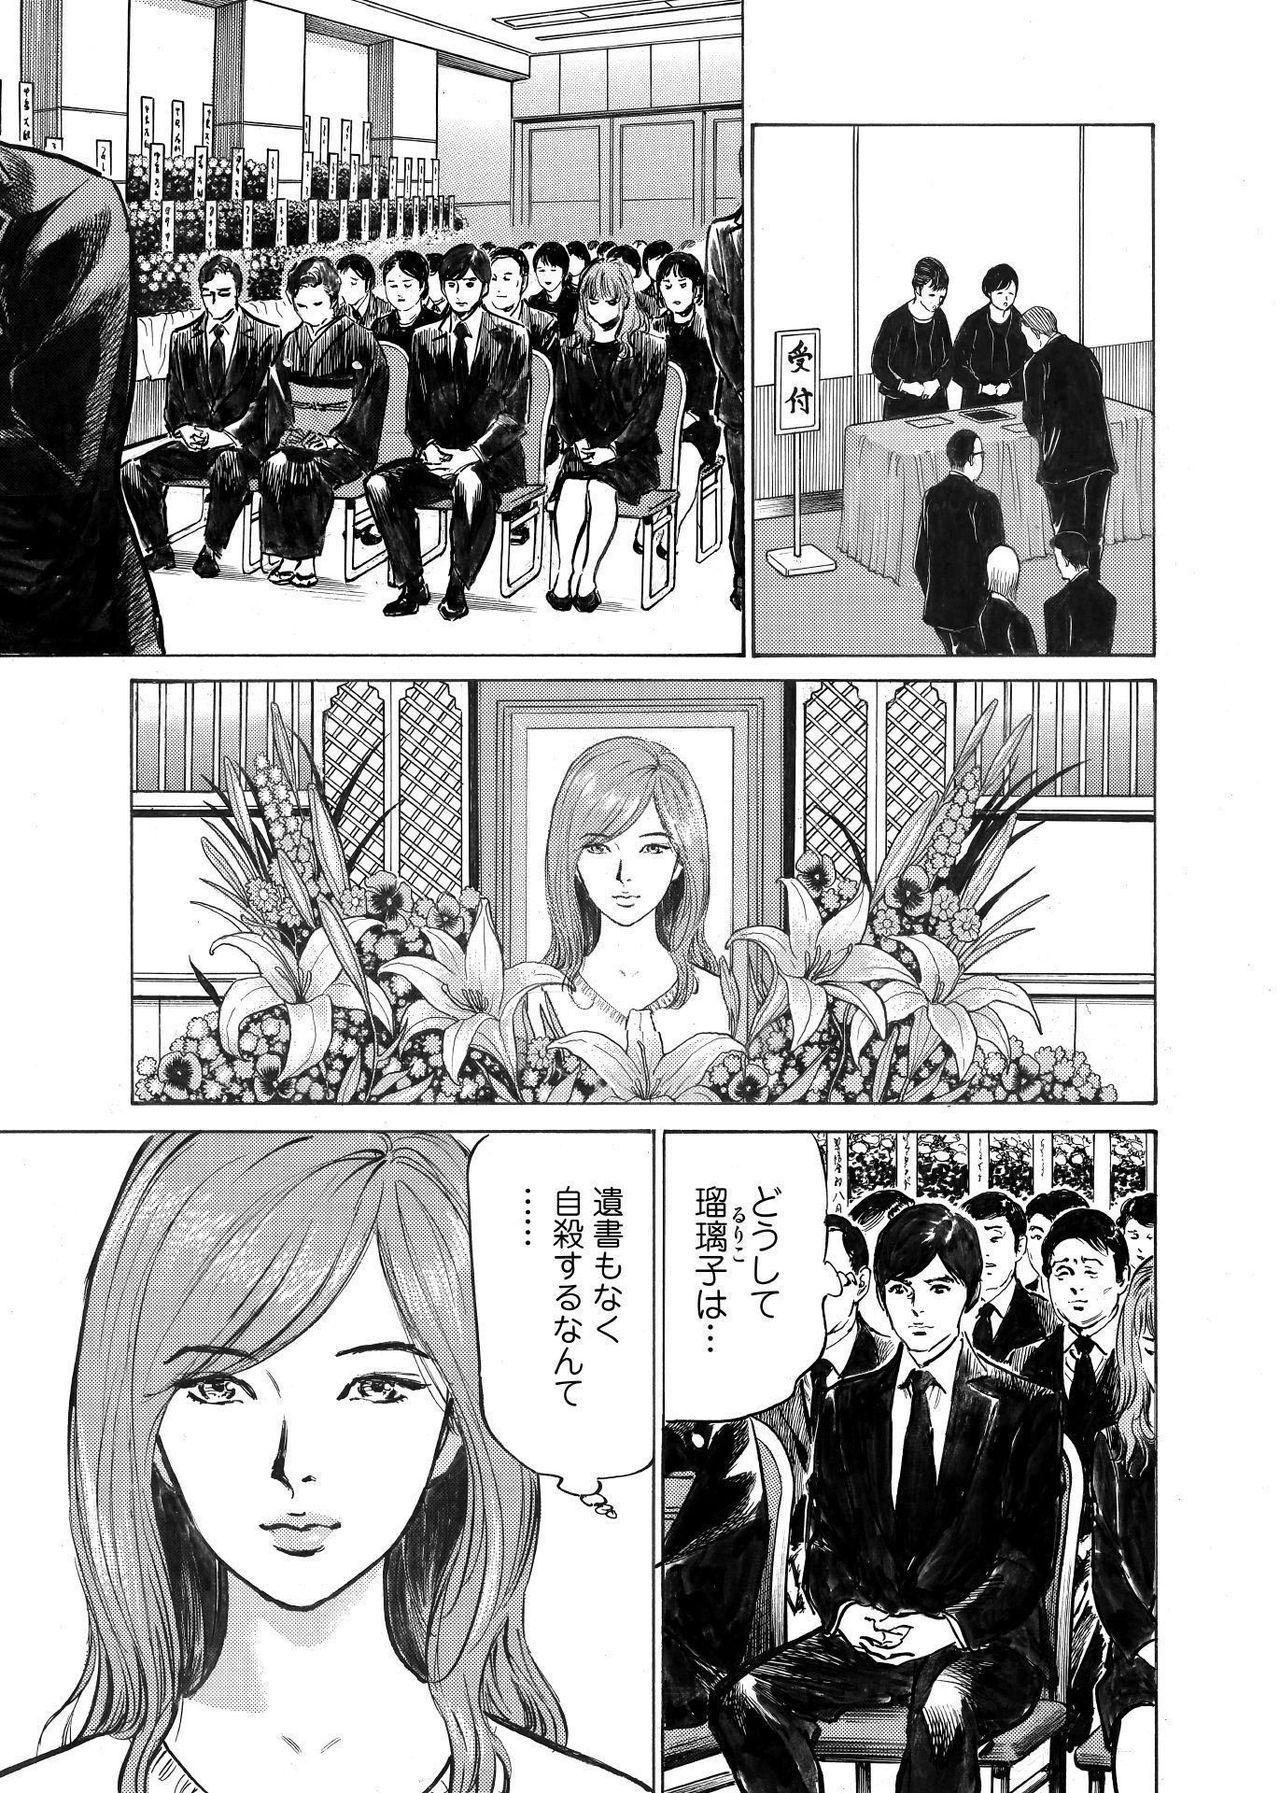 Ore wa Tsuma no Koto o Yoku Shiranai 1-9 8